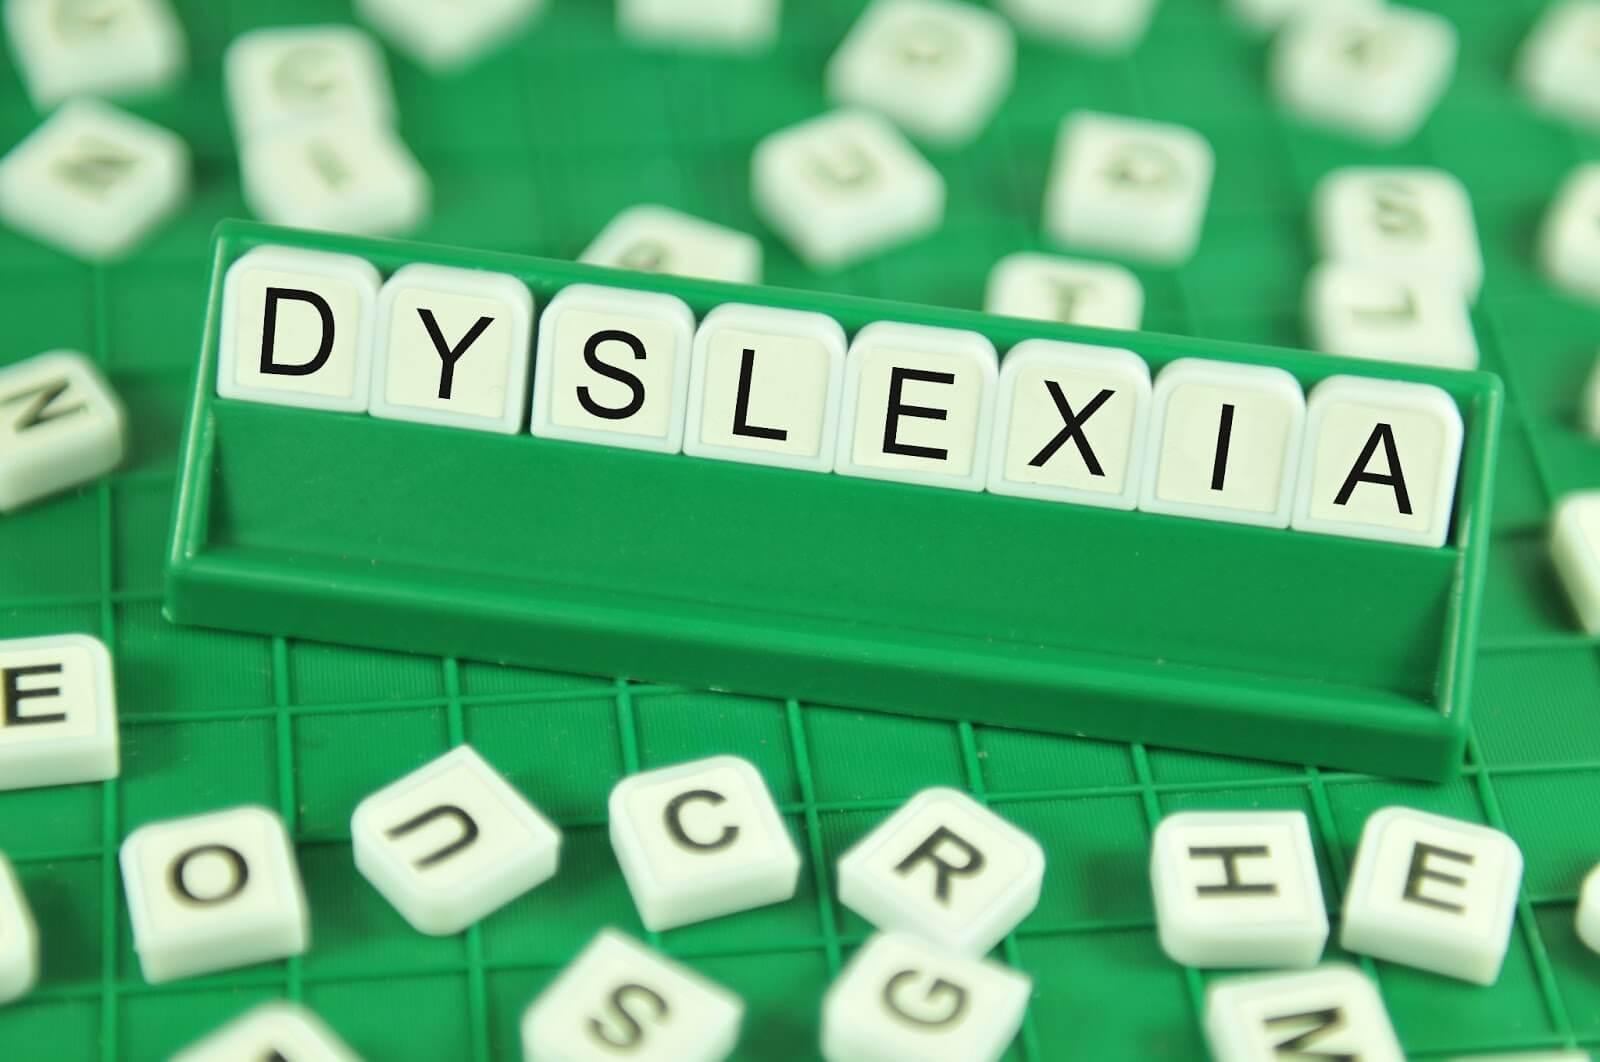 Diszlexia